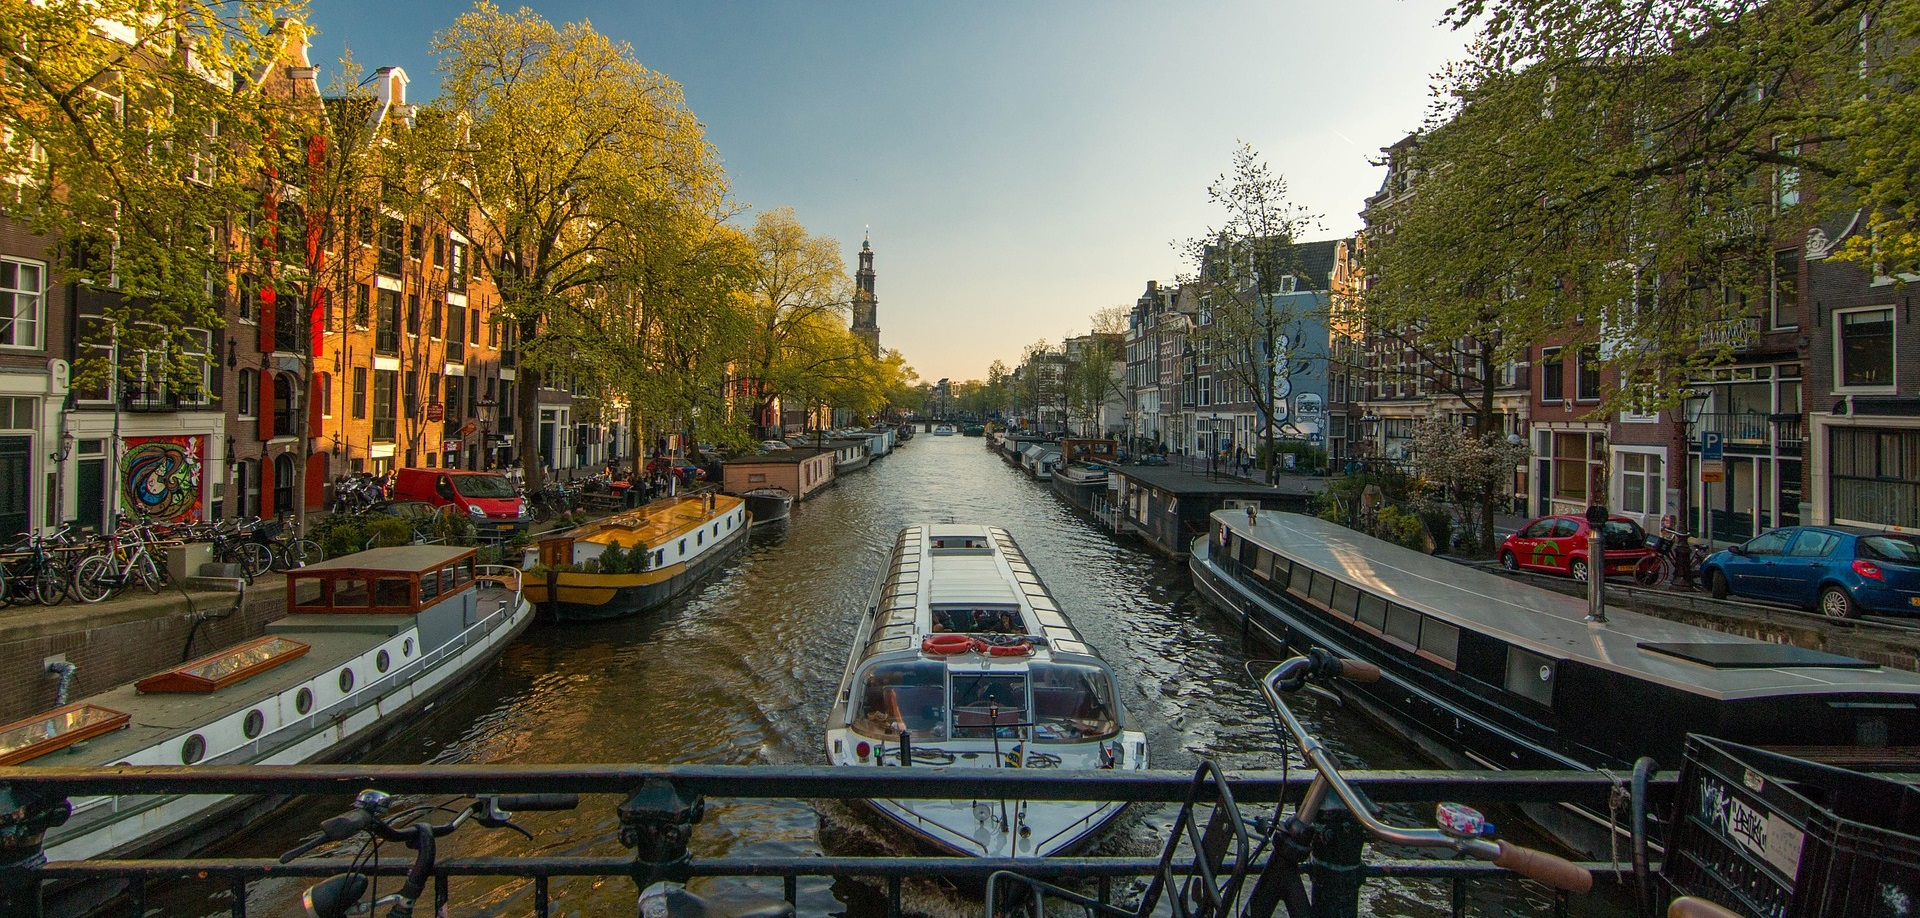 Zoekmachine marketing nabij Amsterdam door Bratpack